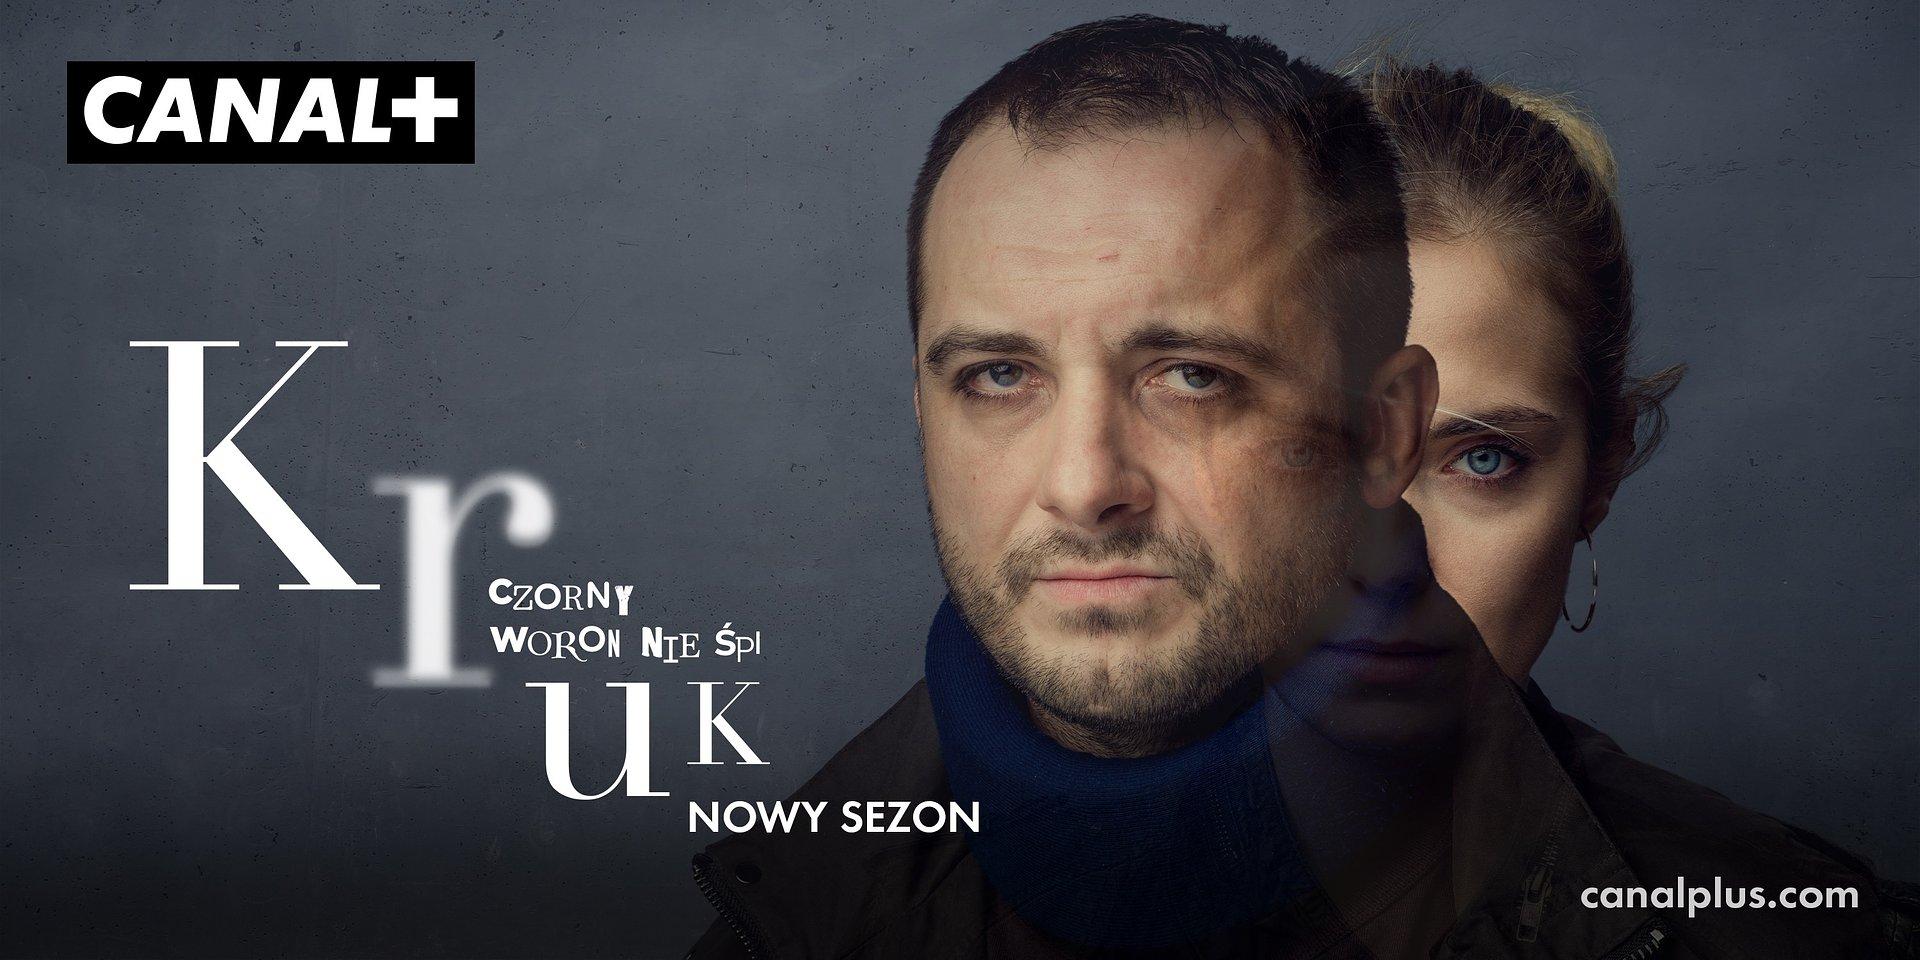 Premiera KRUK. CZORNY WORON NIE ŚPI jeszcze tego lata! Aktorzy i twórcy w cyklu wideo przypominają sezon pierwszy, który całości można obejrzeć na canalplus.com